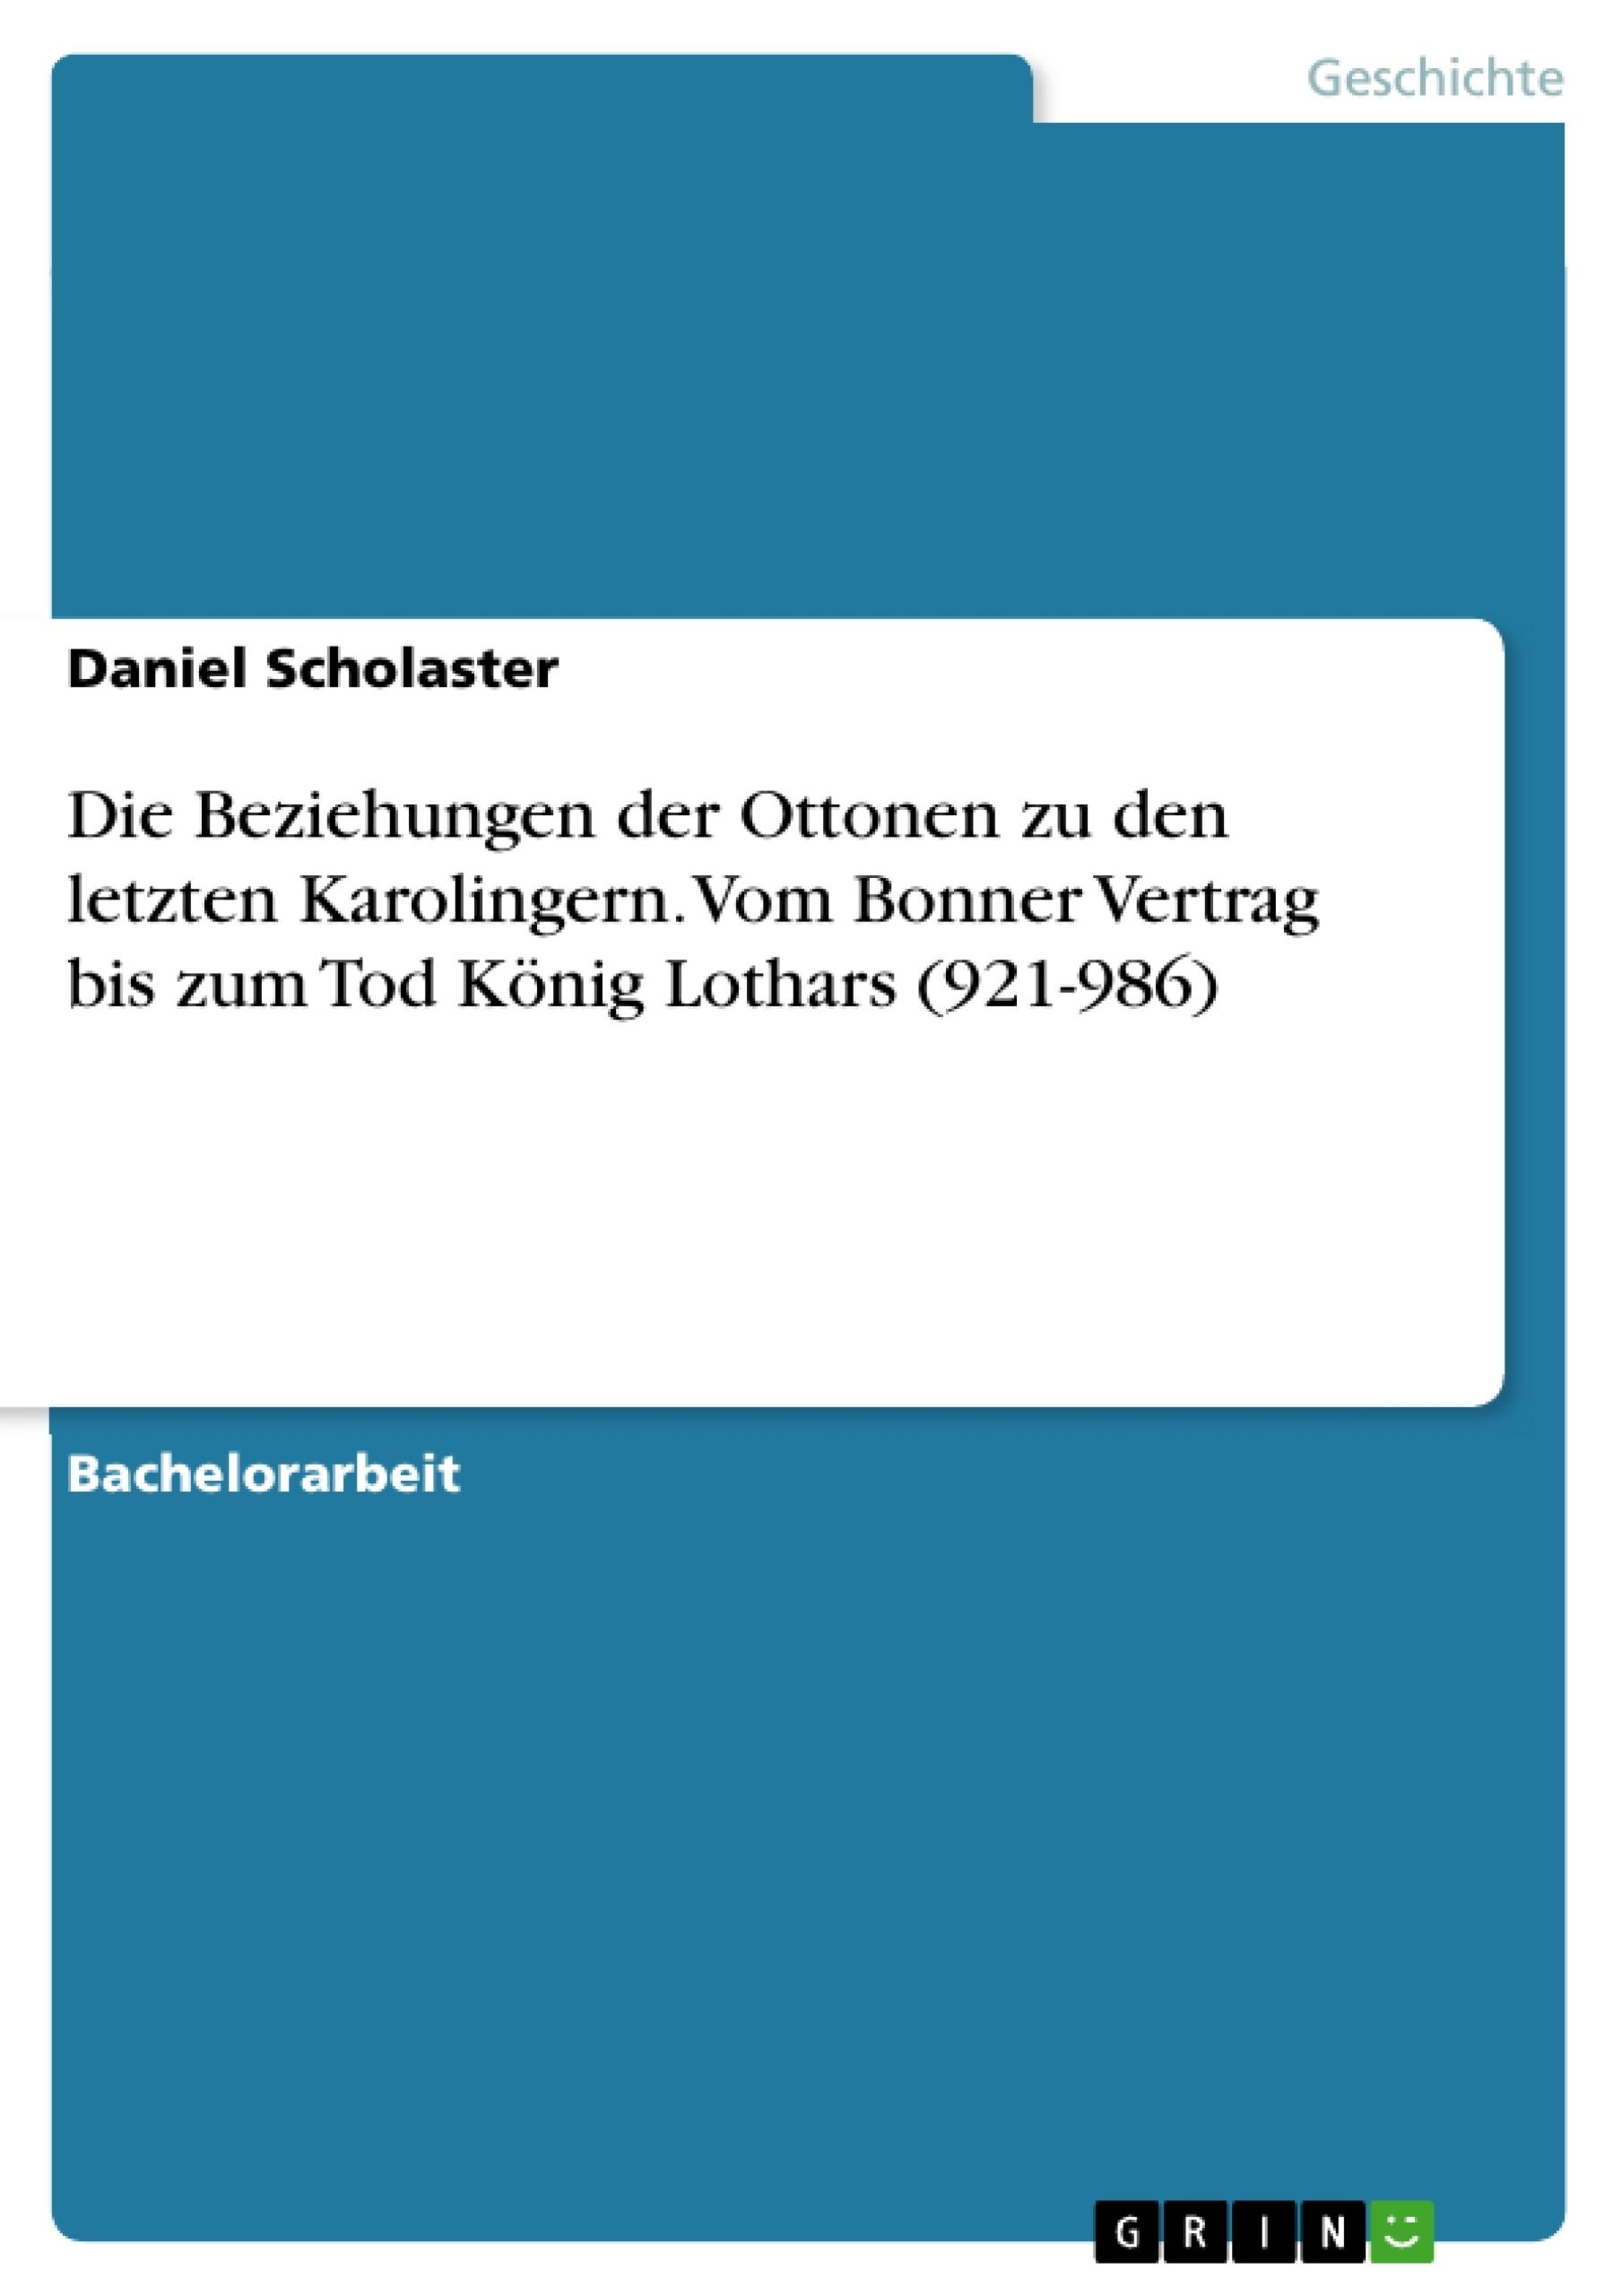 Titel: Die Beziehungen der Ottonen zu den letzten Karolingern. Vom Bonner Vertrag bis zum Tod König Lothars (921-986)